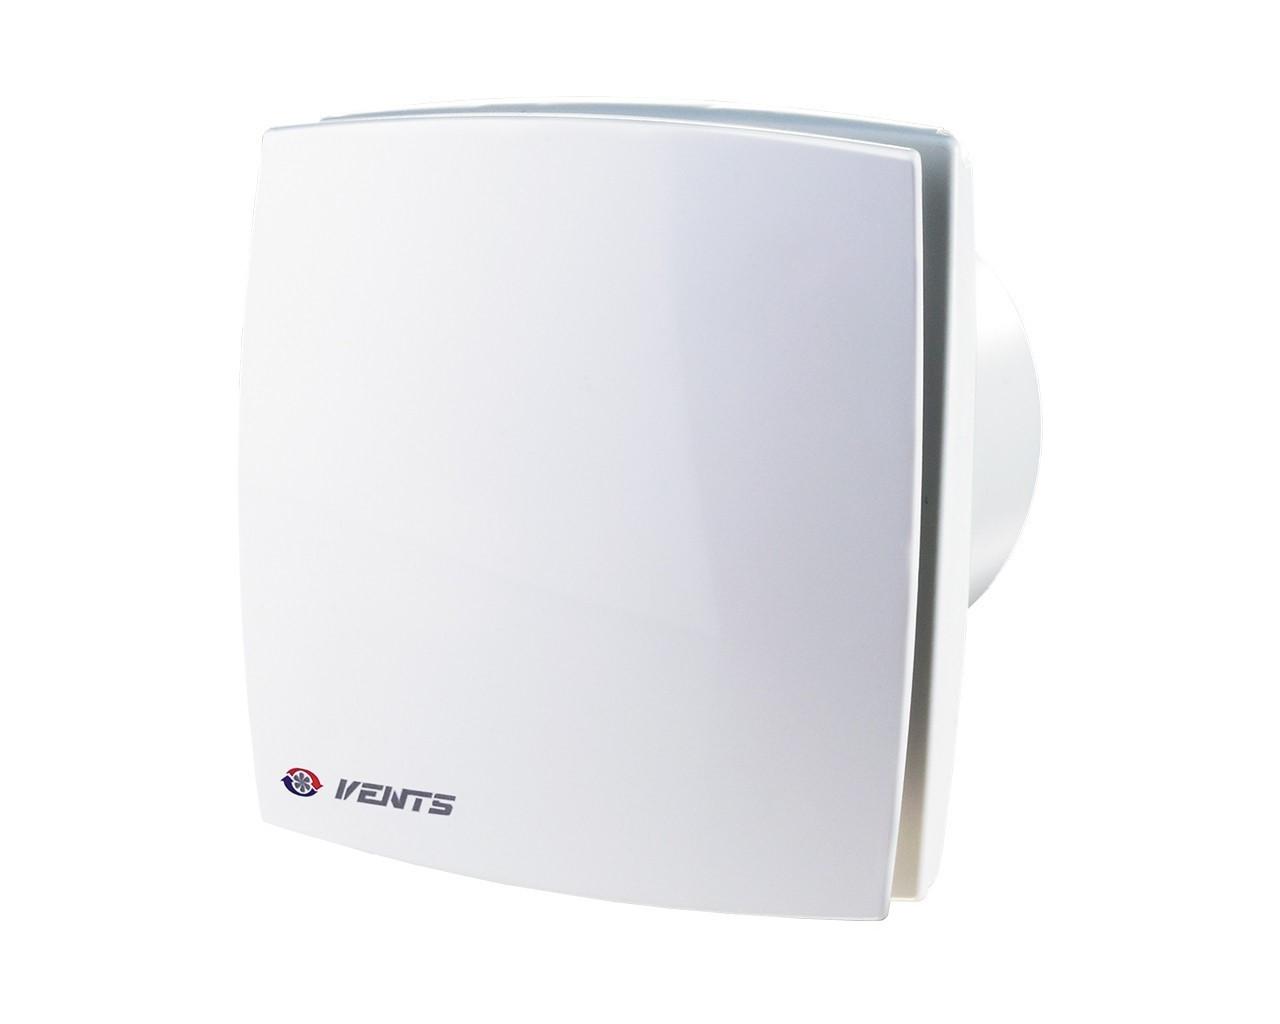 Вентс 150 ЛДТН вентилятор вытяжной